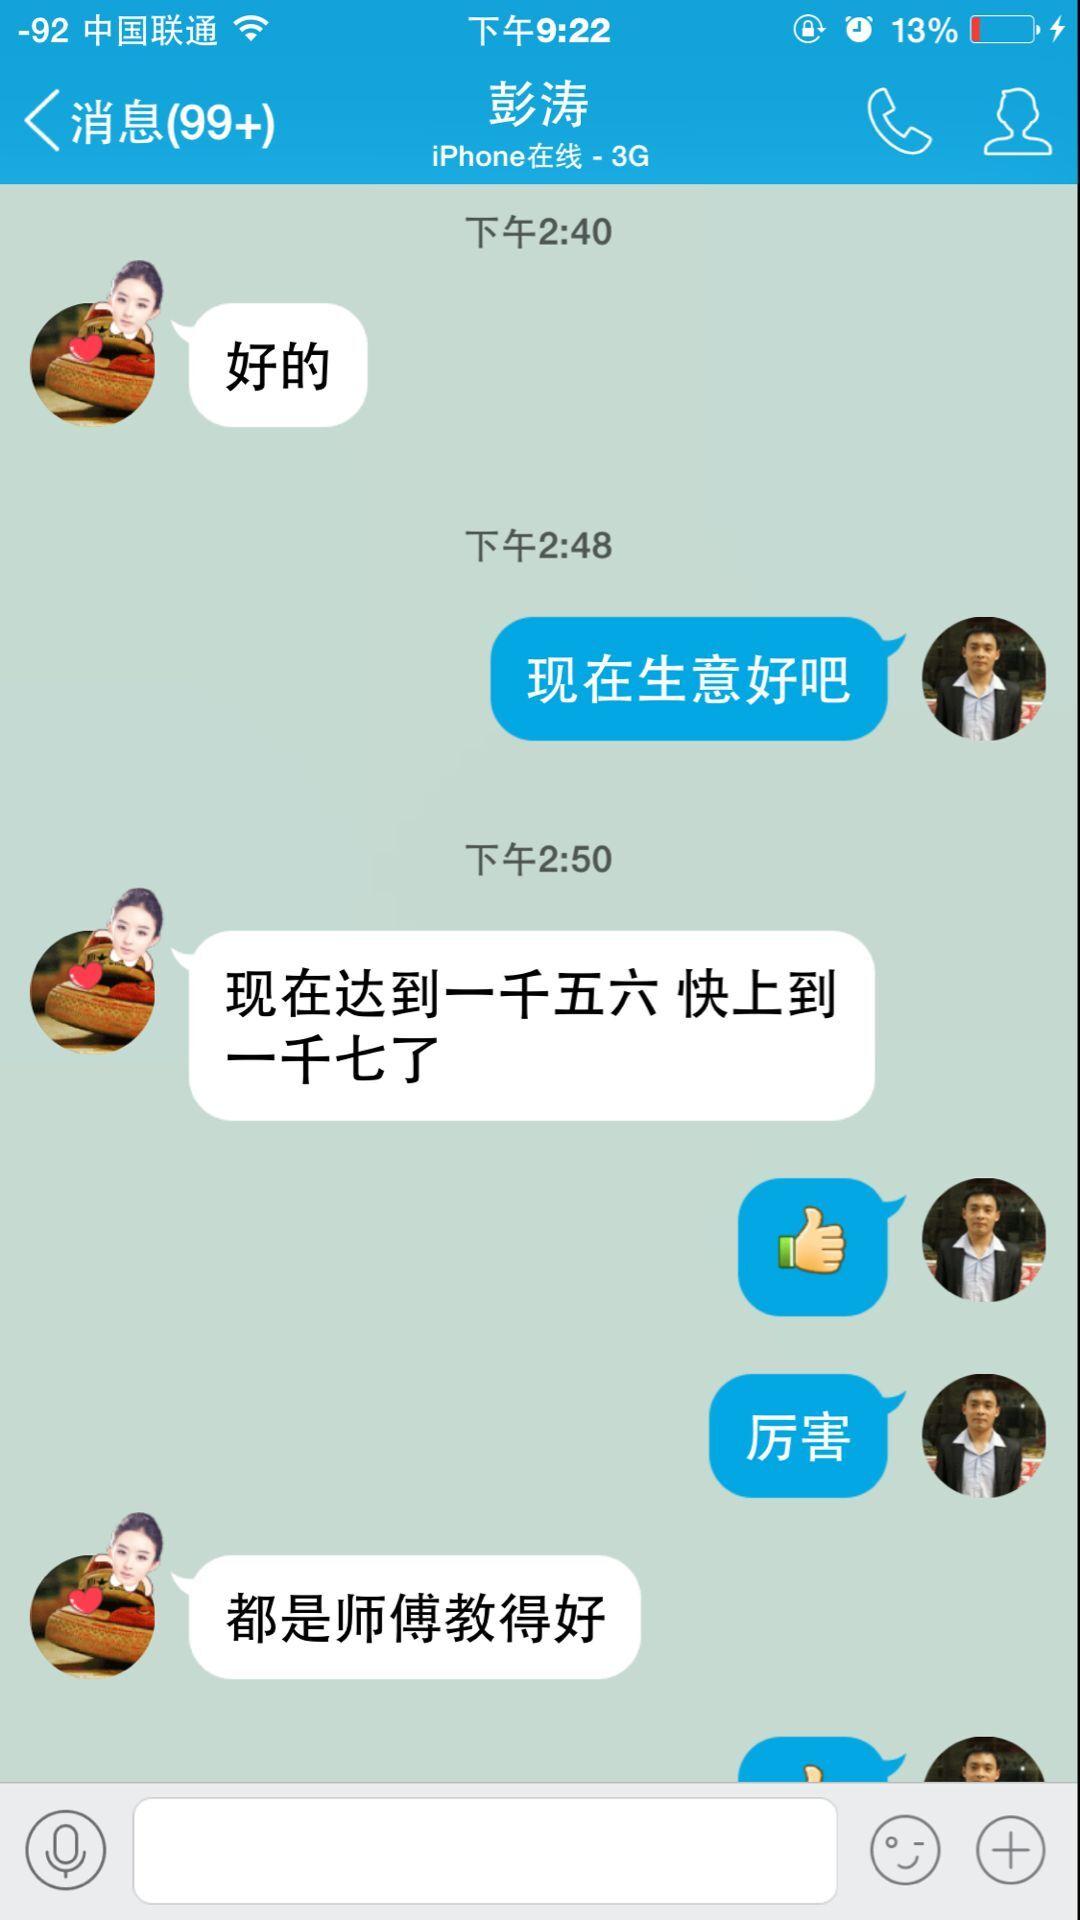 学卤菜学员-彭涛